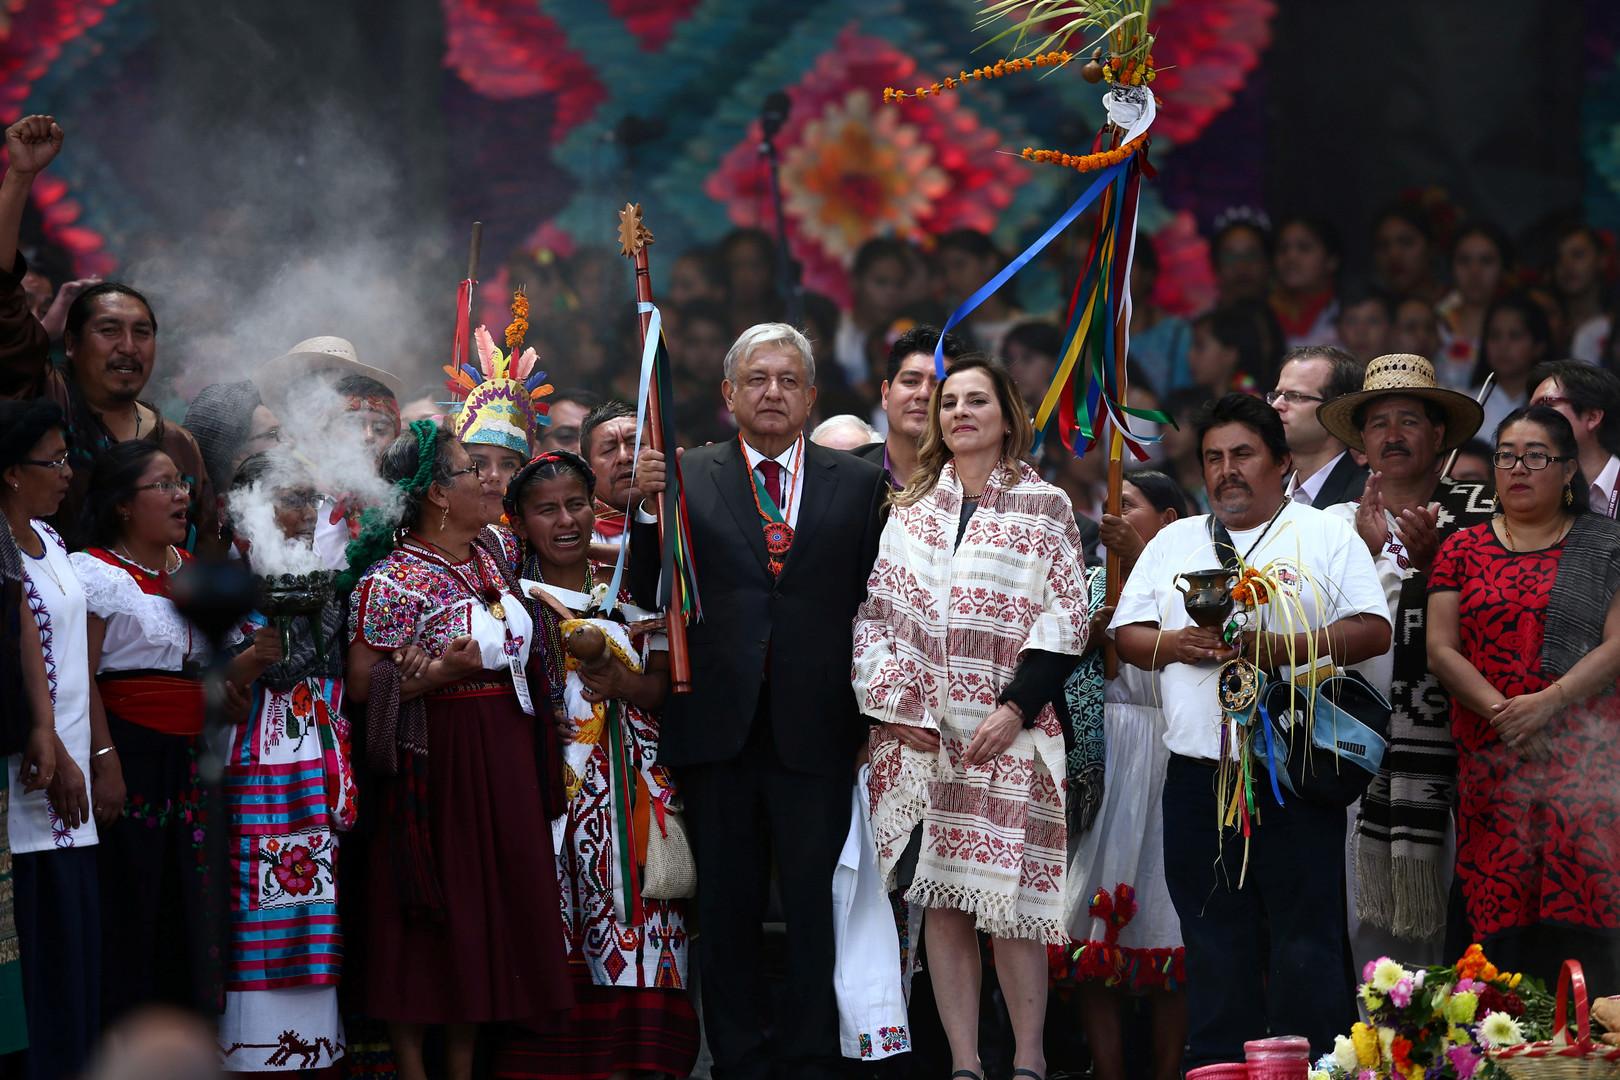 Le nouveau président mexicain réduit son salaire de 50% et quitte la résidence présidentielle